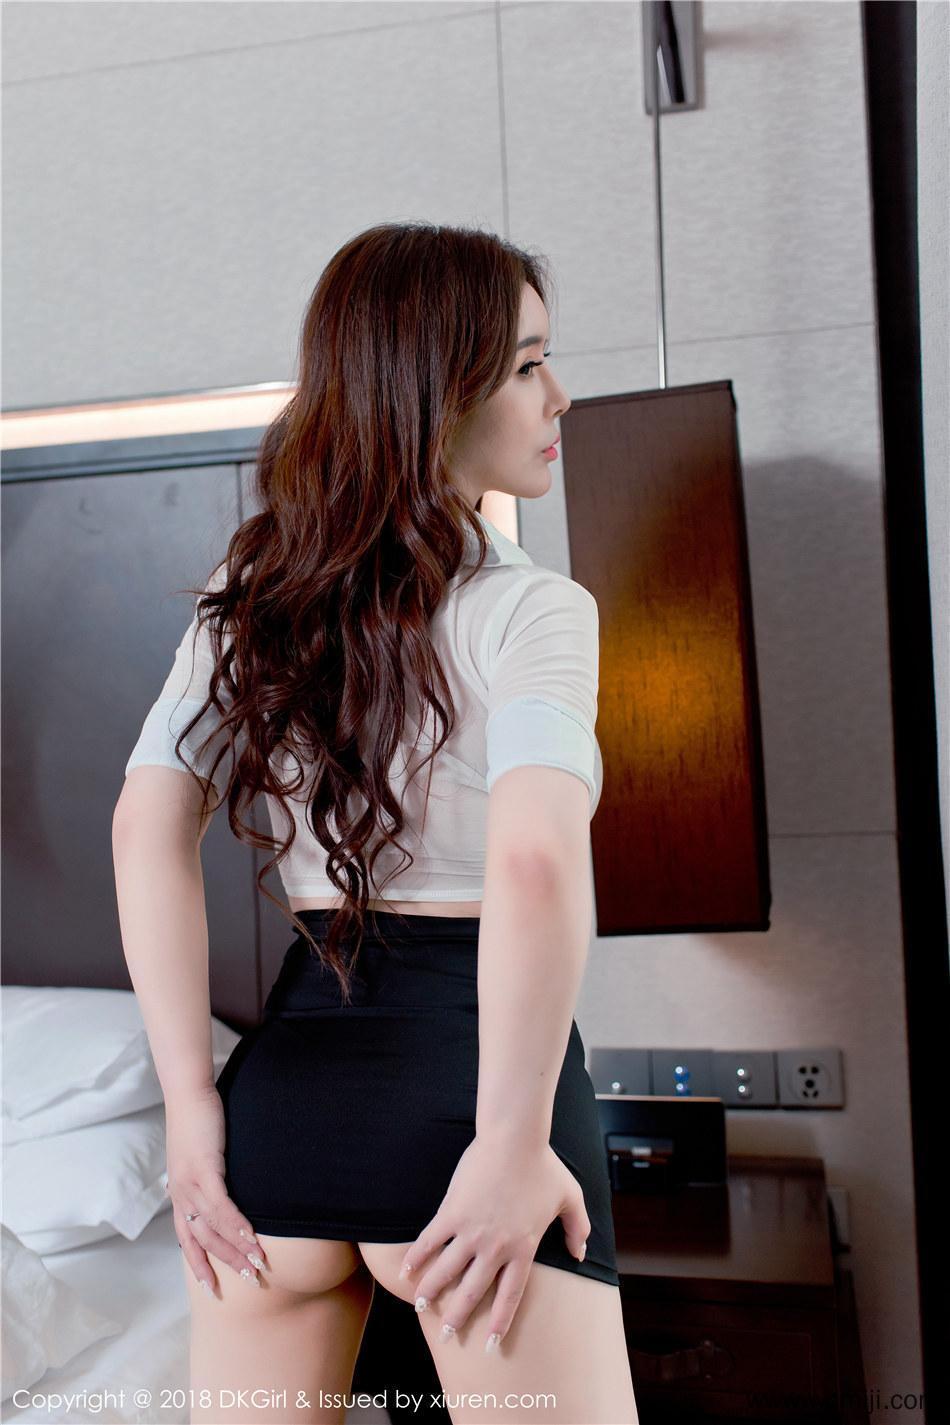 【御女郎】【雪千寻】 西西人体模特雪千寻巨乳肥臀少妇诱惑摄影图片 Vol.082【30P】 制服